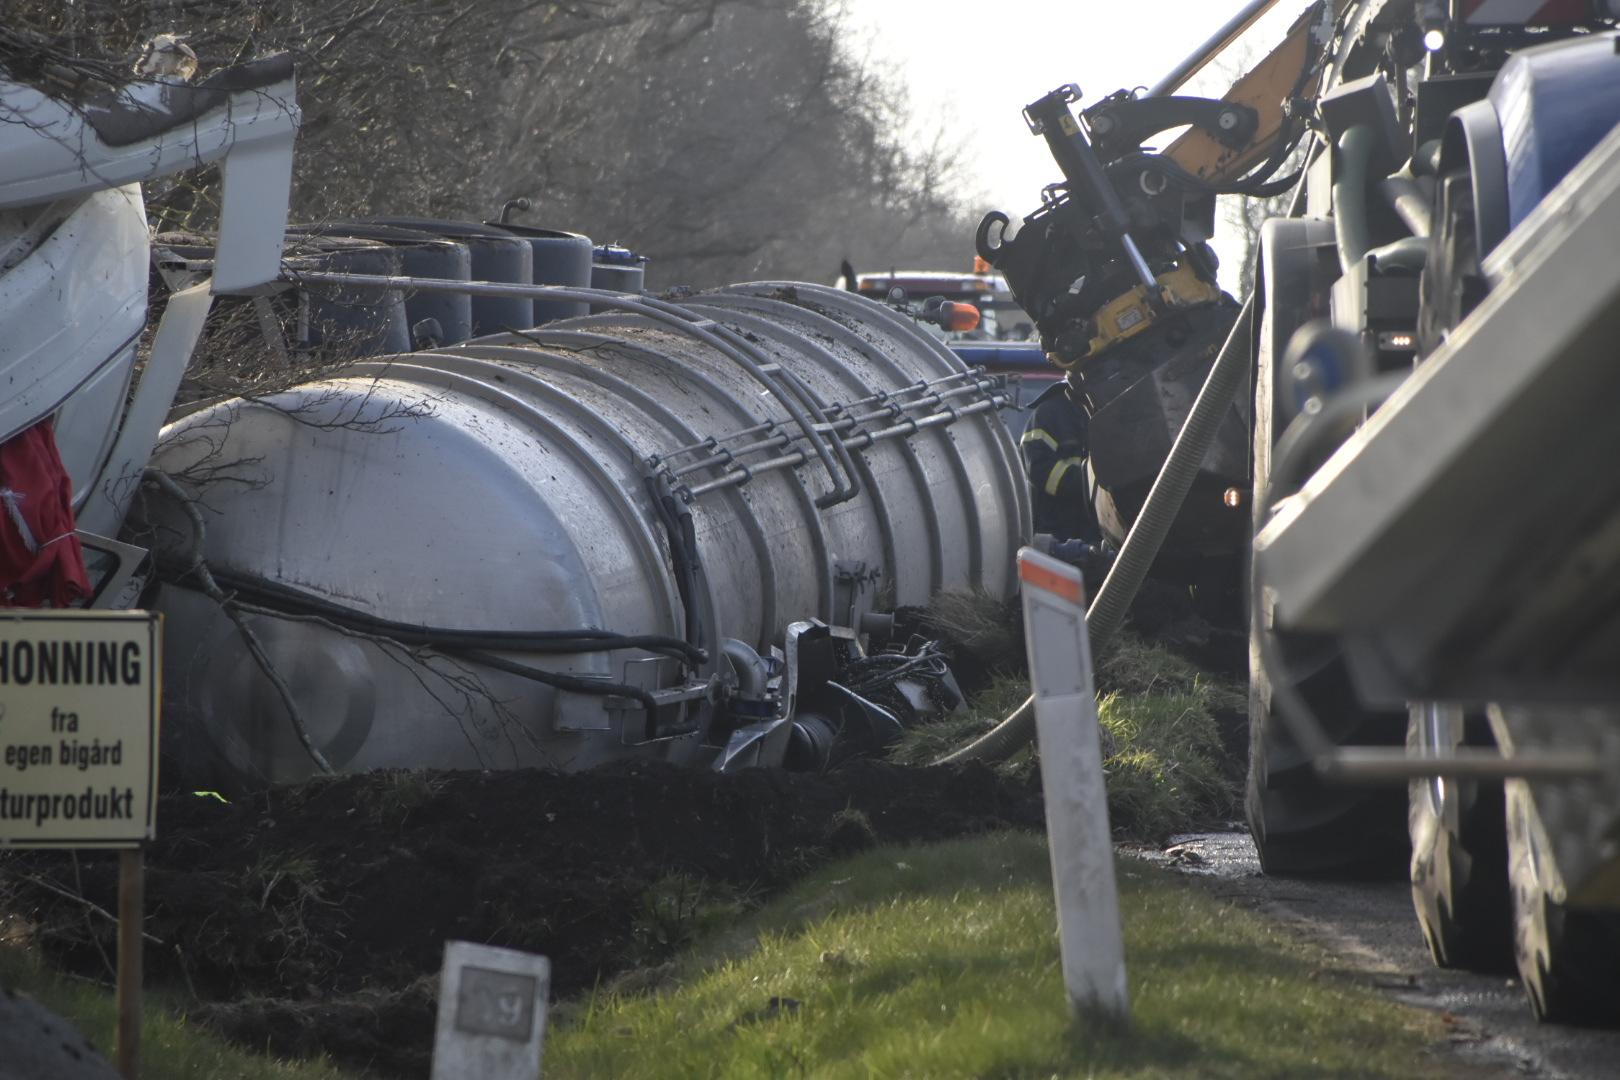 Gylletransport væltet ved Skjern - vej spærret